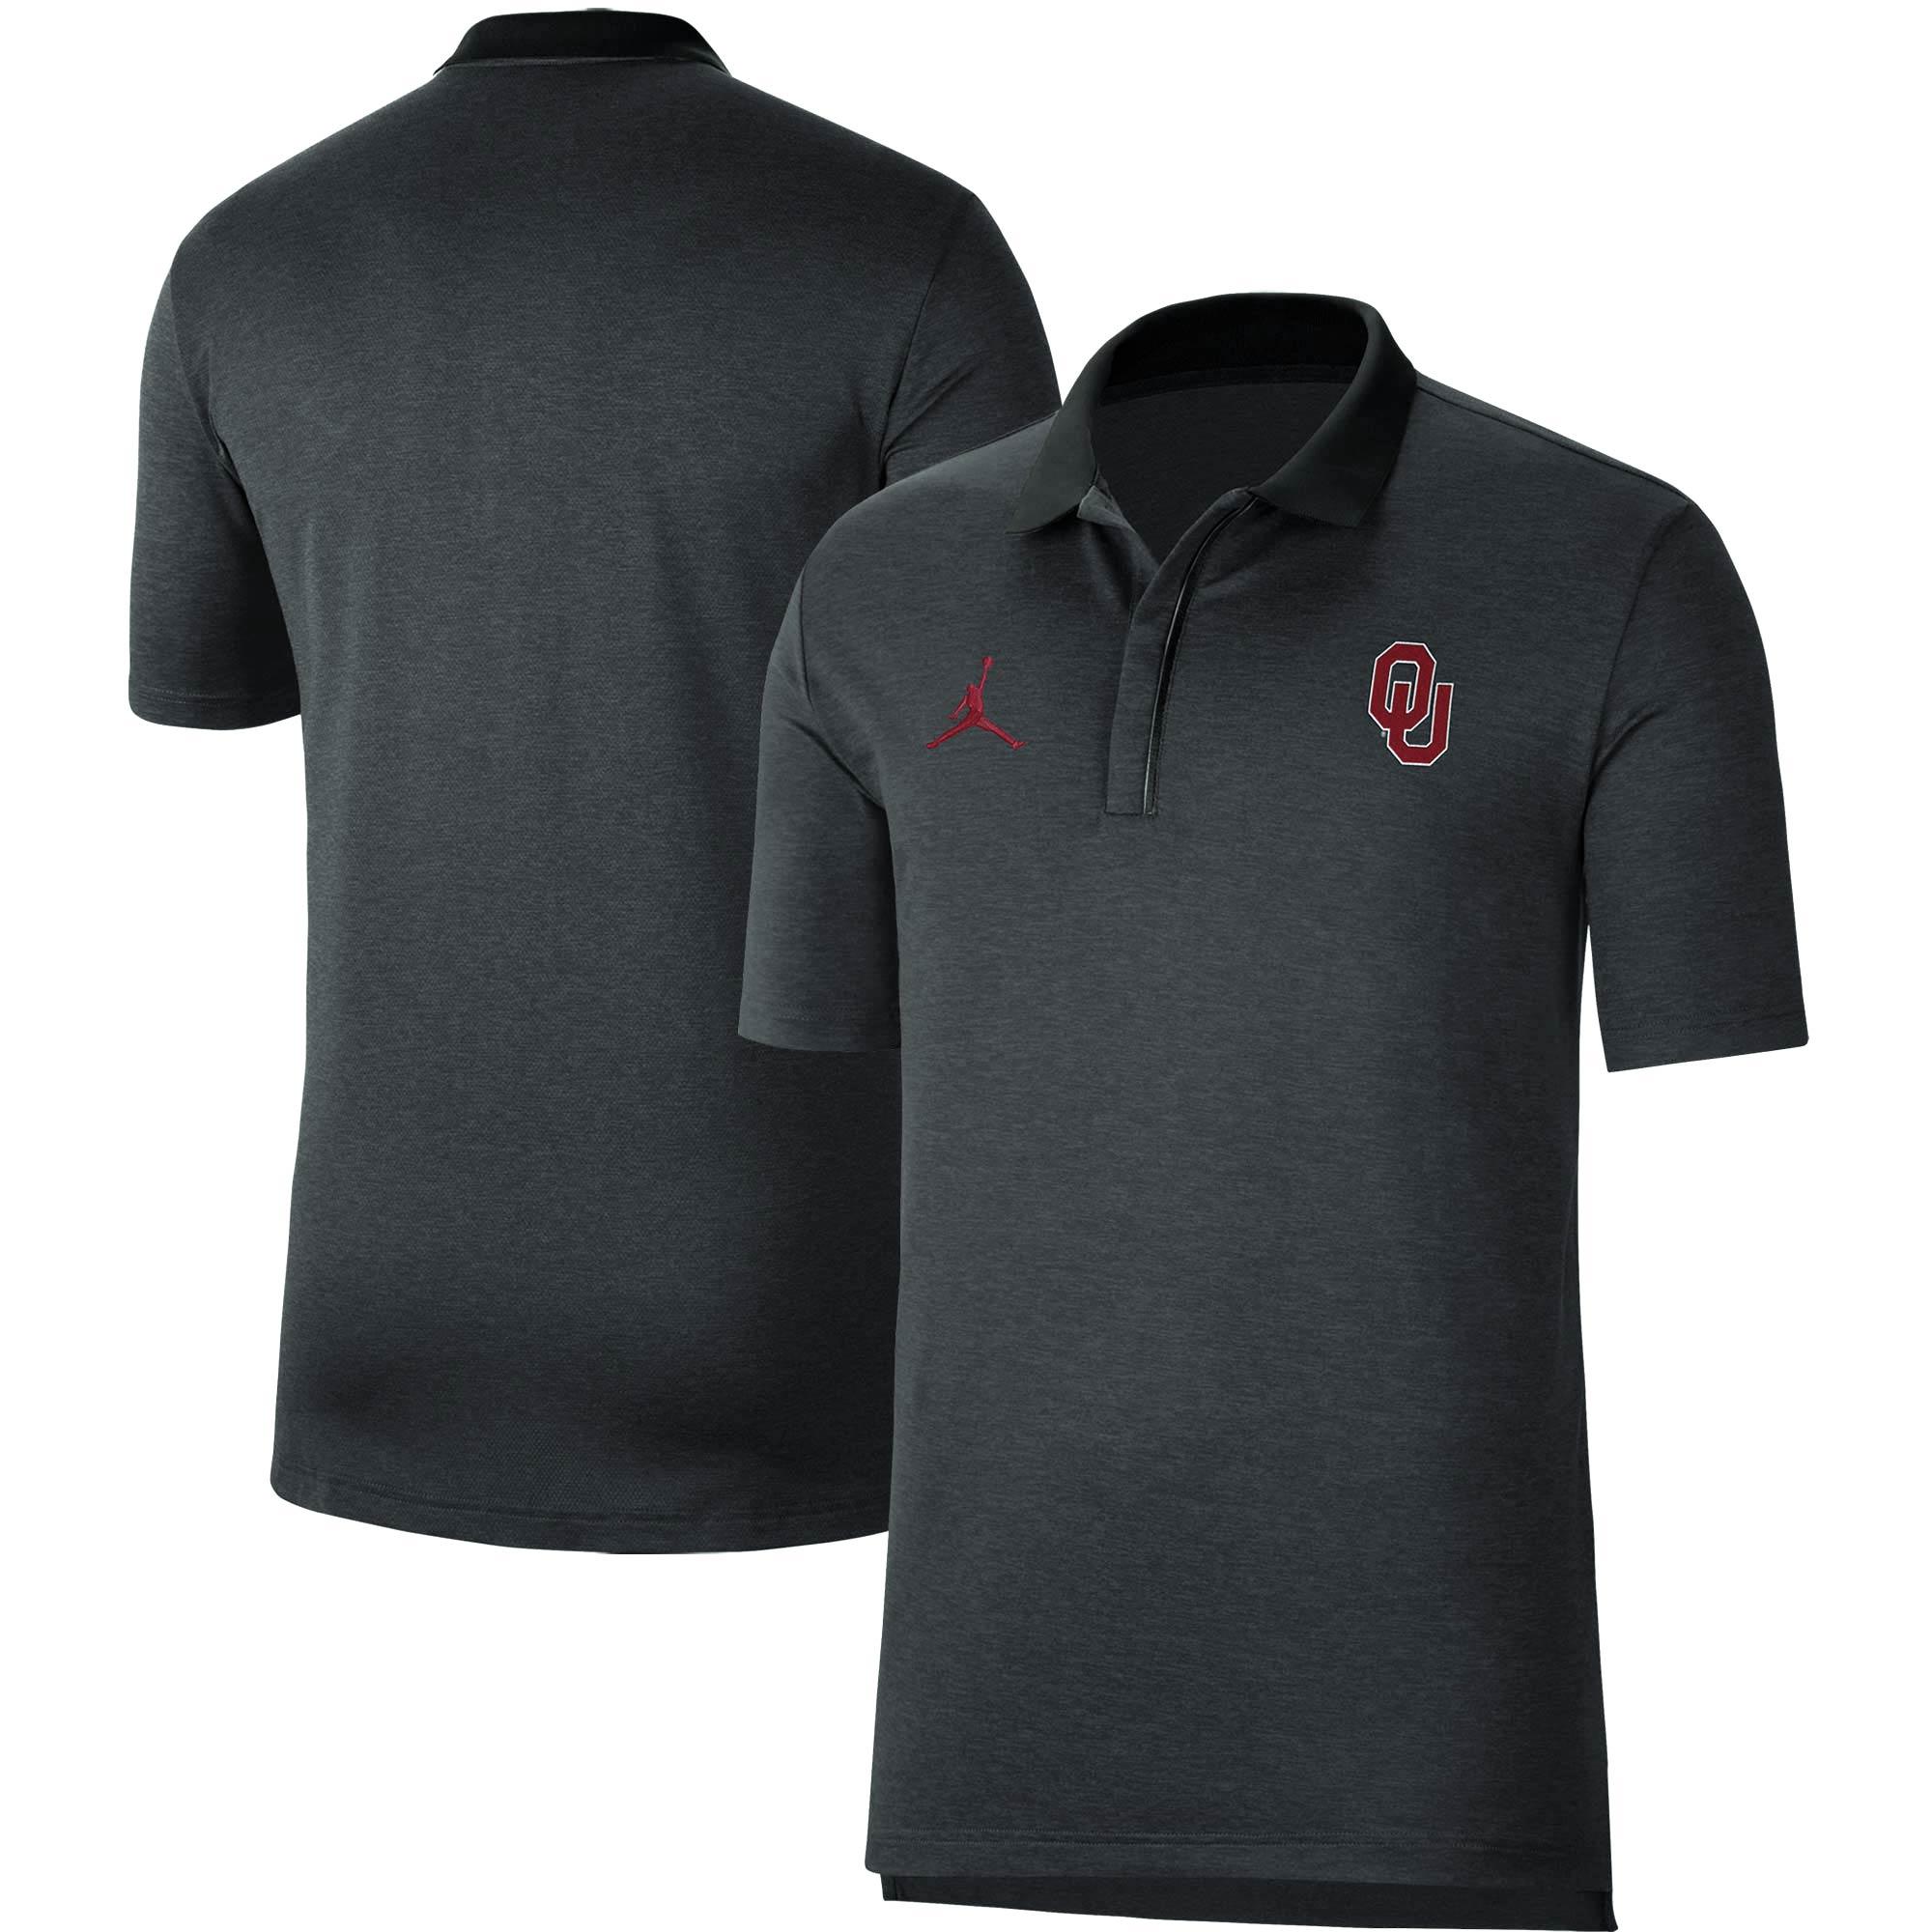 Oklahoma Sooners Jordan Brand Coaches Polo - Heathered Gray